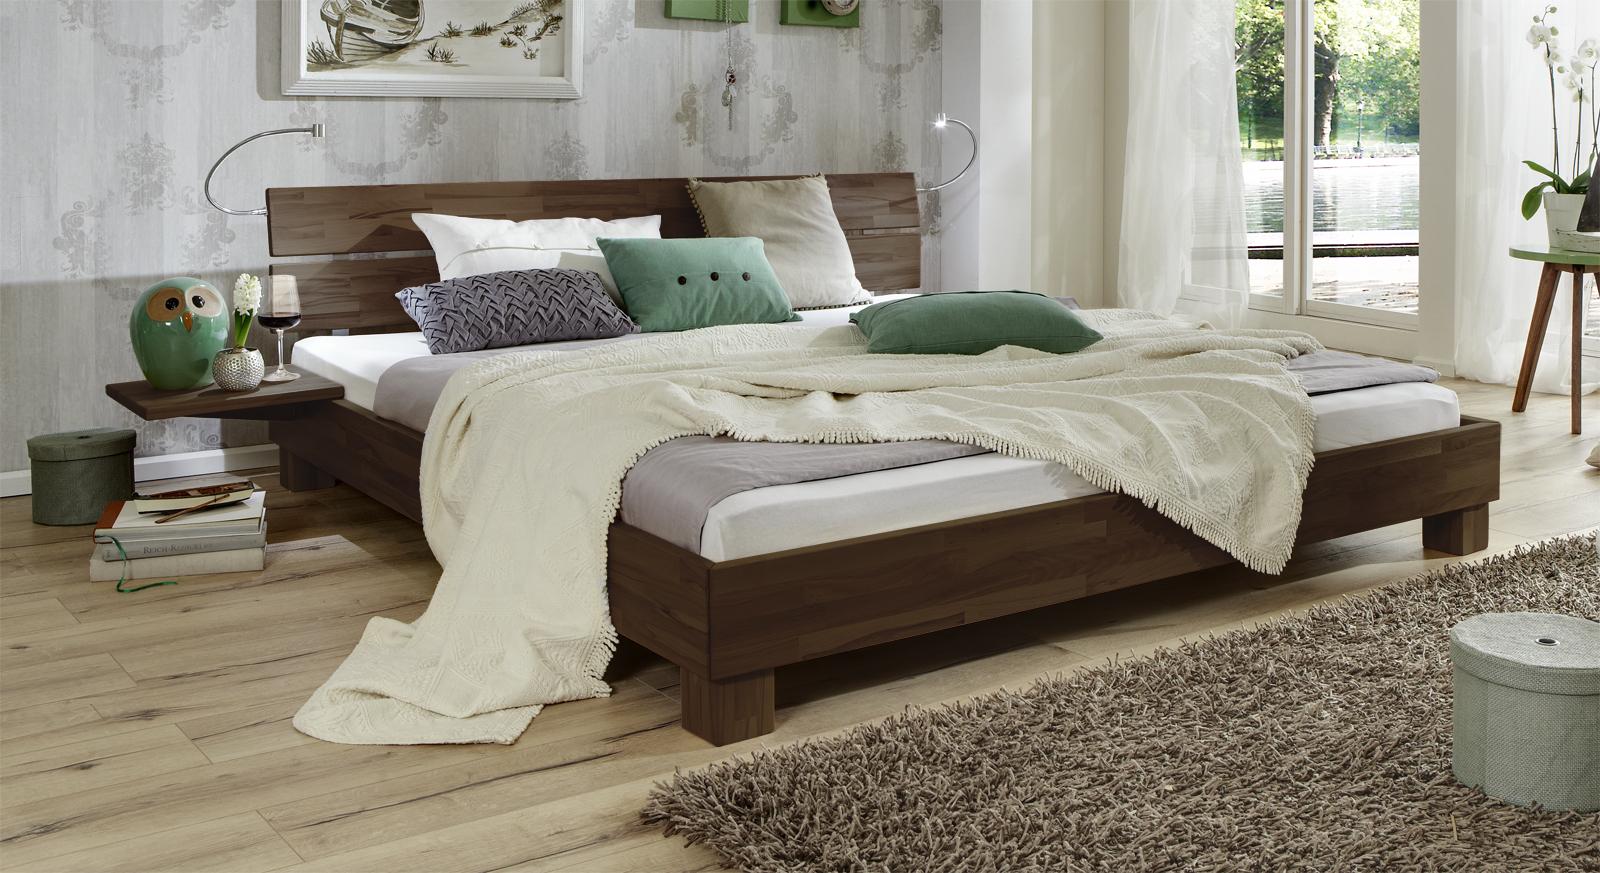 Bett Mera aus Massivholz in Buche wengefarben